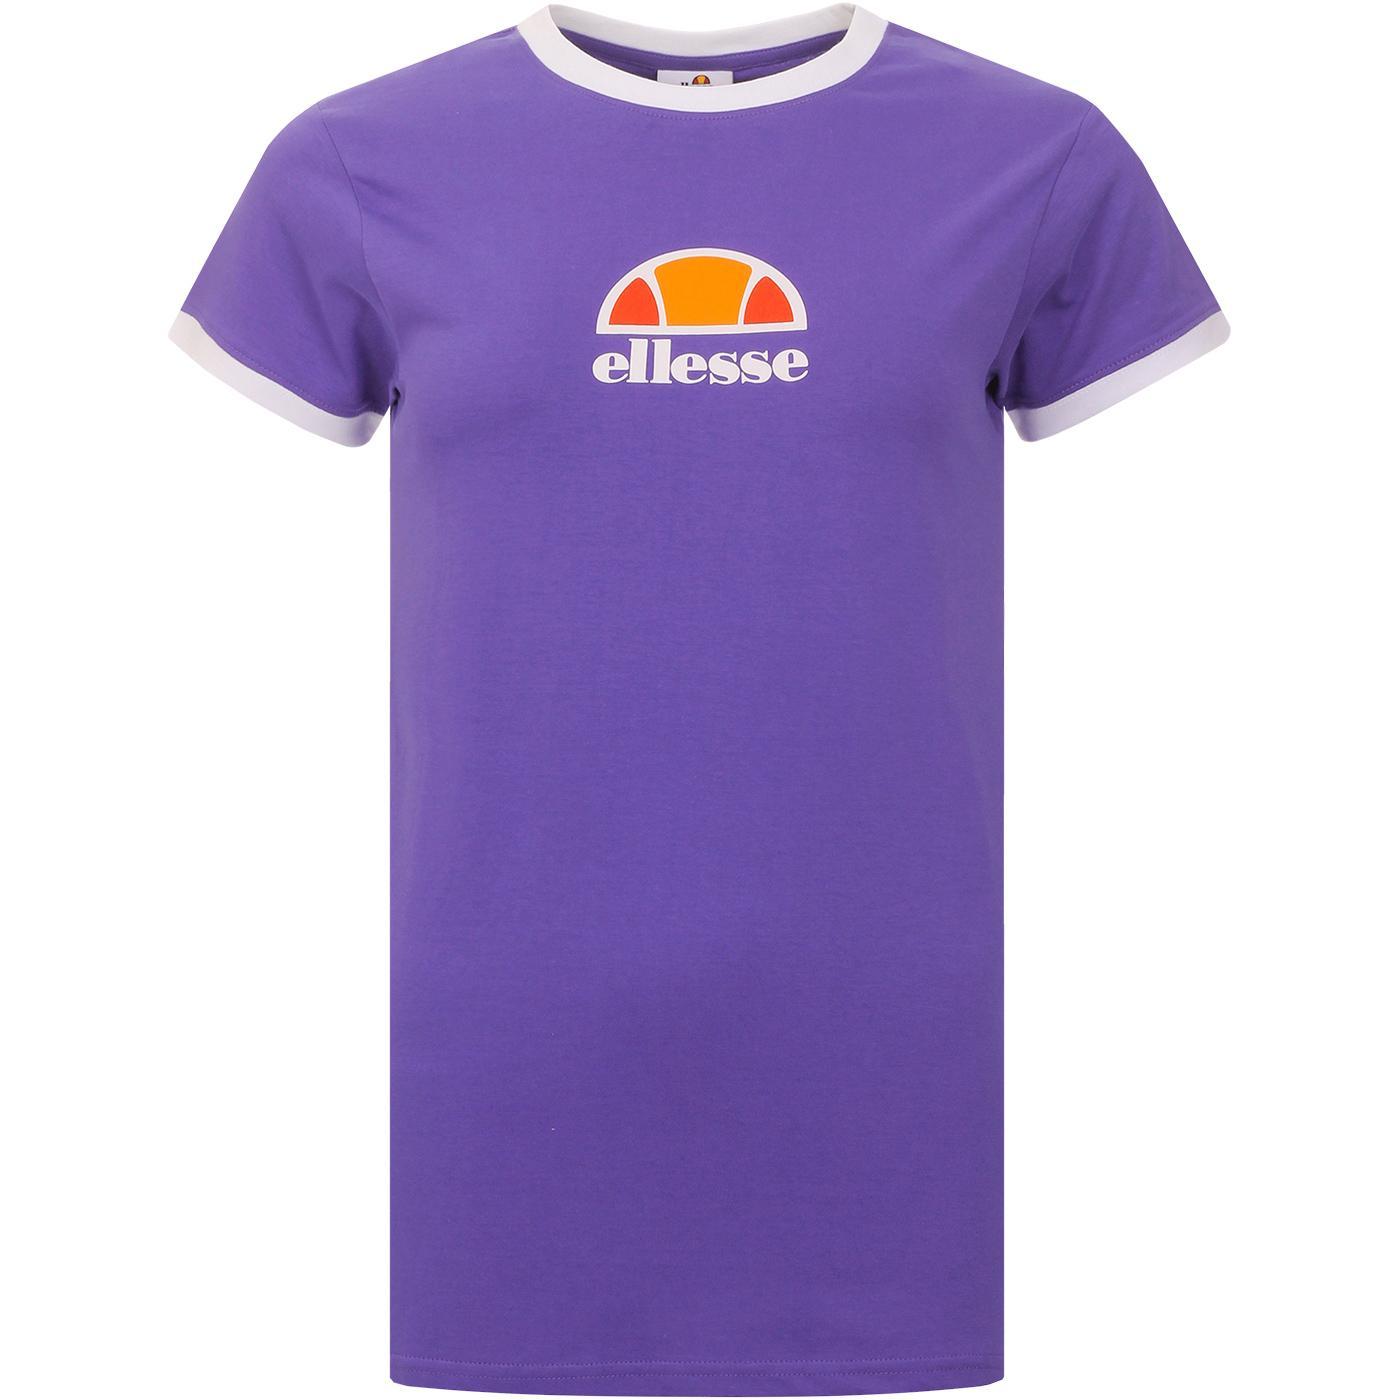 Orlanda ELLESSE Women's Retro Ringer Tee (Purple)